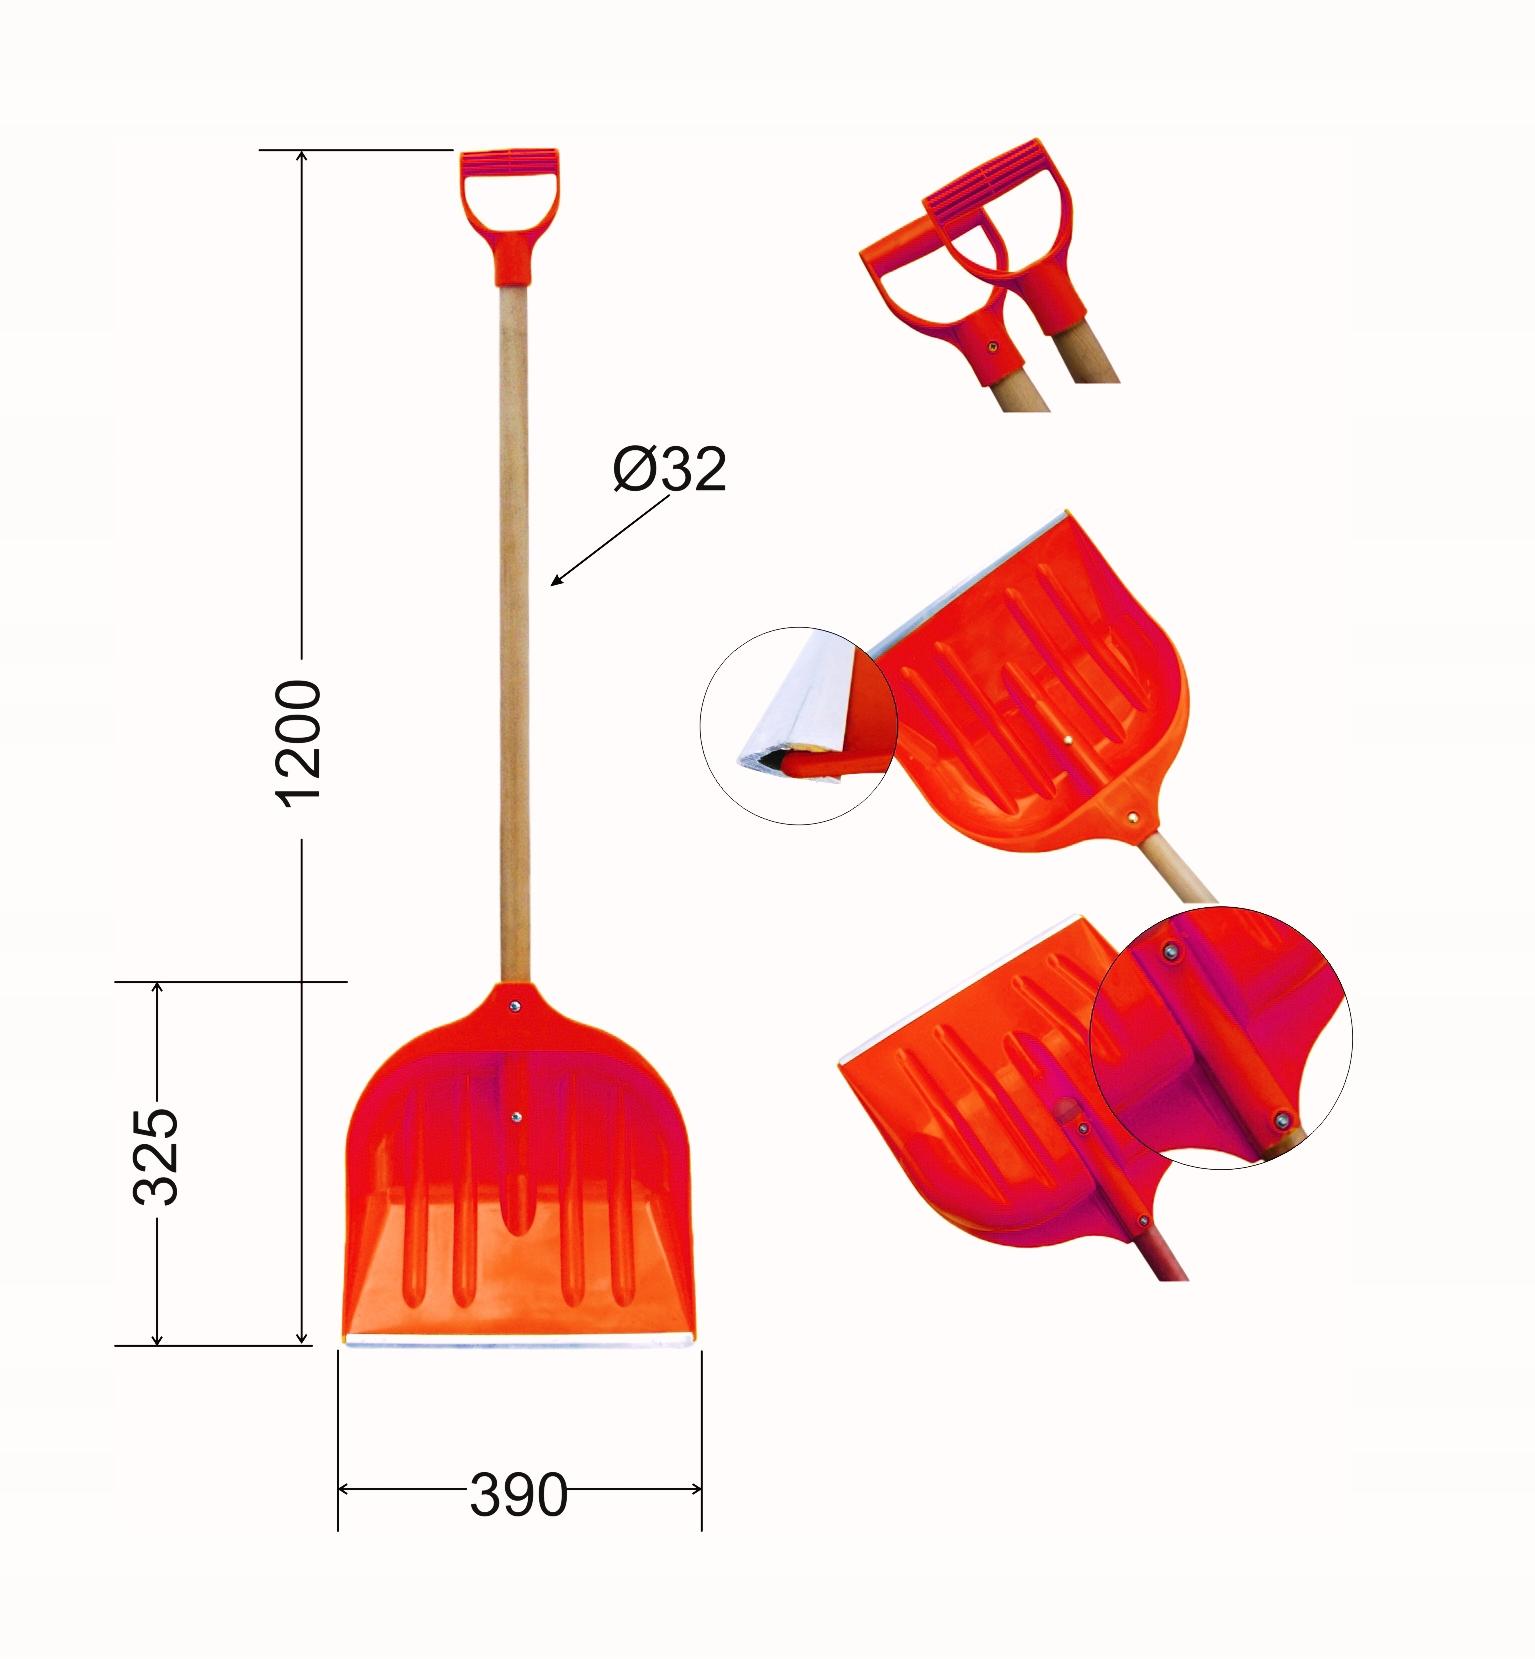 Лопата для уборки снега – рейтинг лучшего инвентаря, как сделать лопату своими руками?